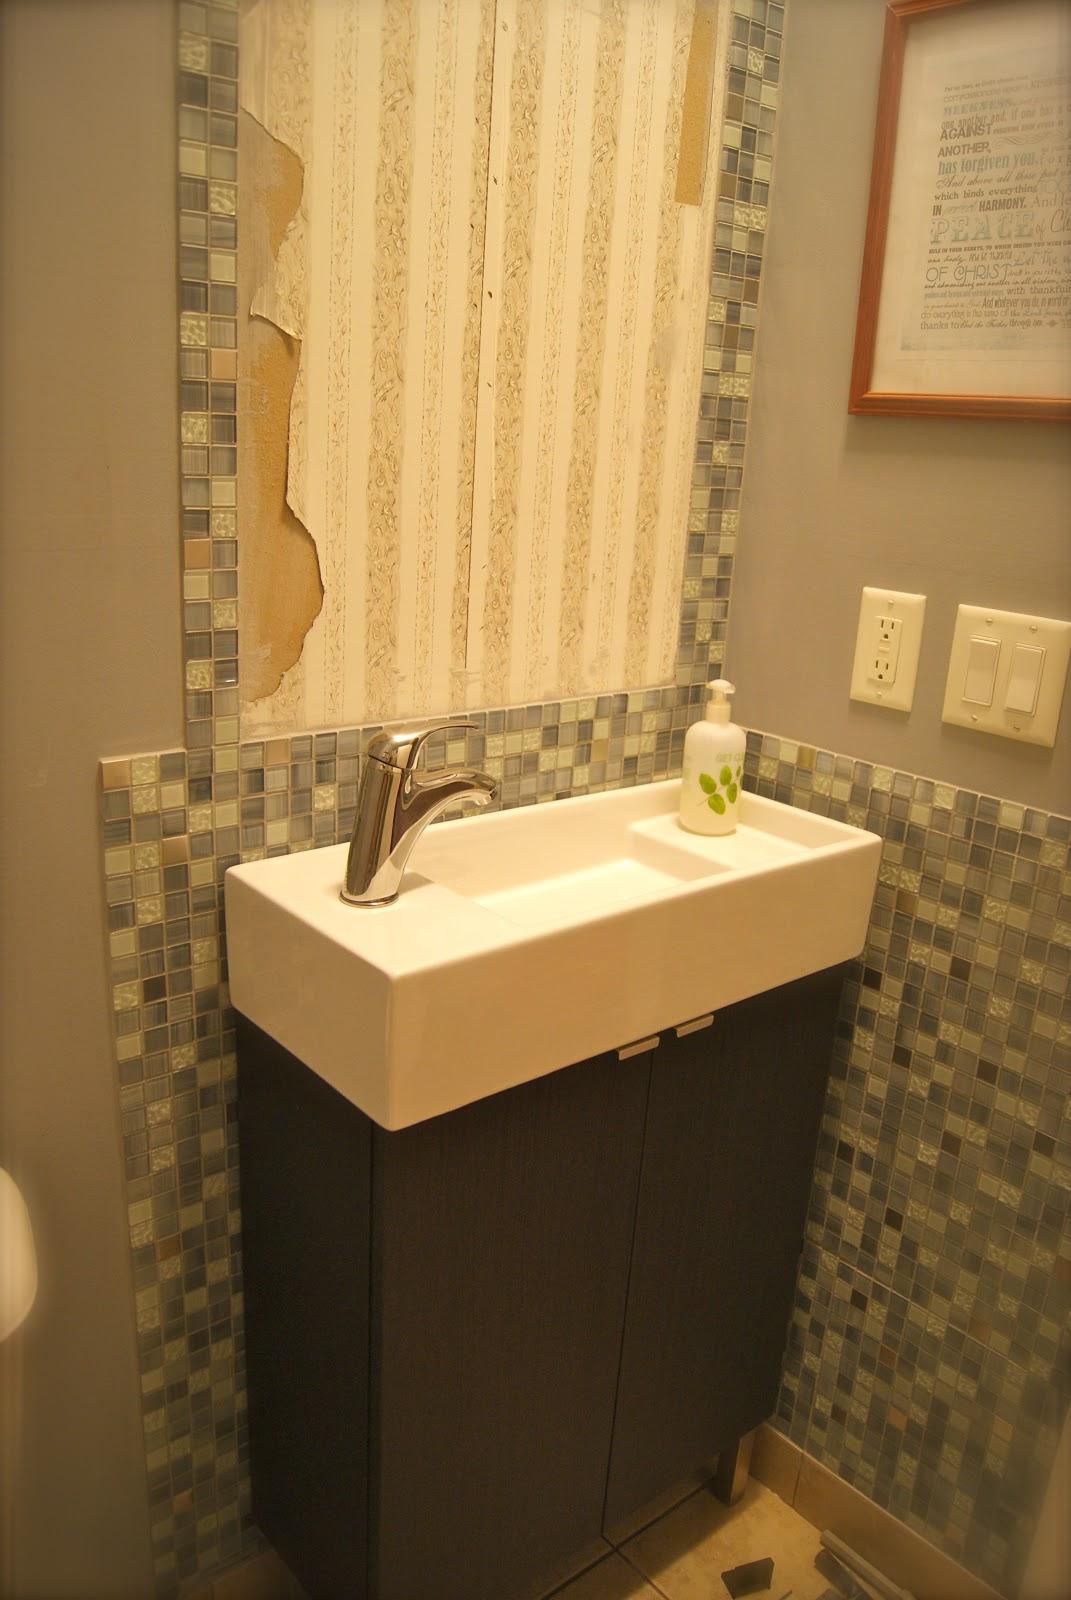 julia kendrick com ikea bathroom remodel on a budget